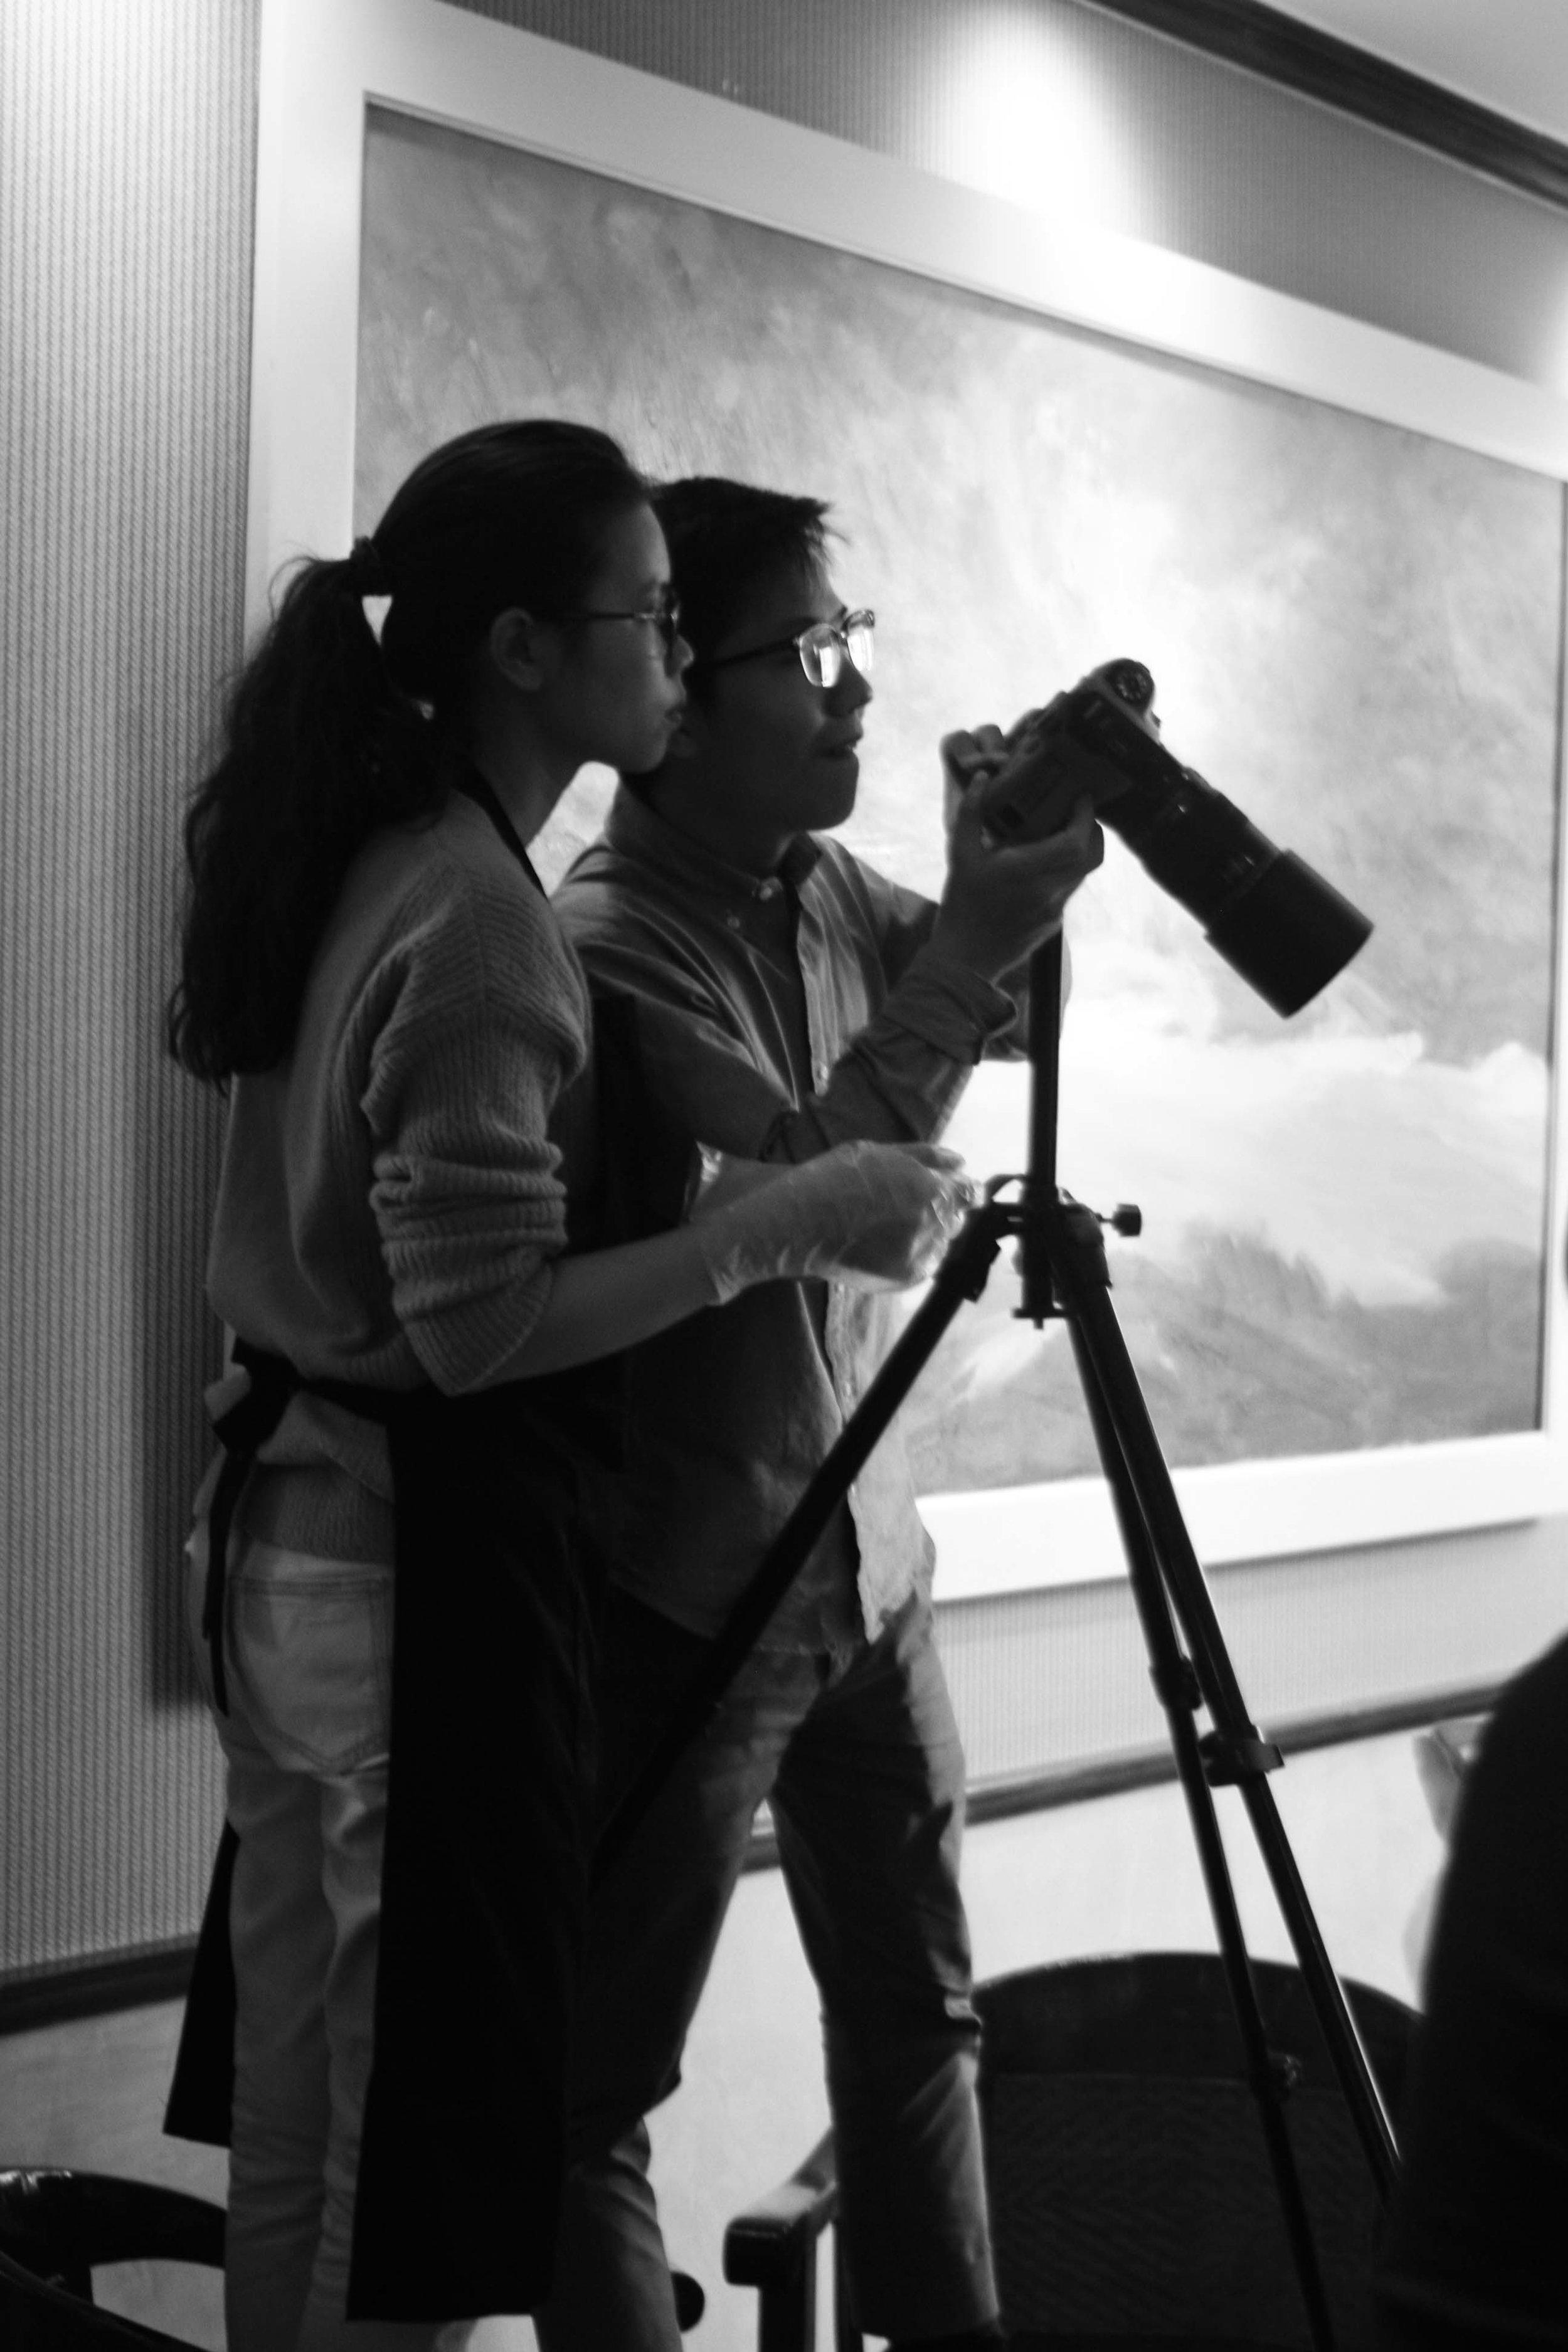 Tôi và Thùy Dương cùng nhau đứng lên ghế để căn chỉnh cho bức ảnh chuẩn bố cục. Chân máy lúc này đã được kéo tối đa và bonus thêm chiều cao của 3 cái ghế! :)) ( ảnh 2016 )